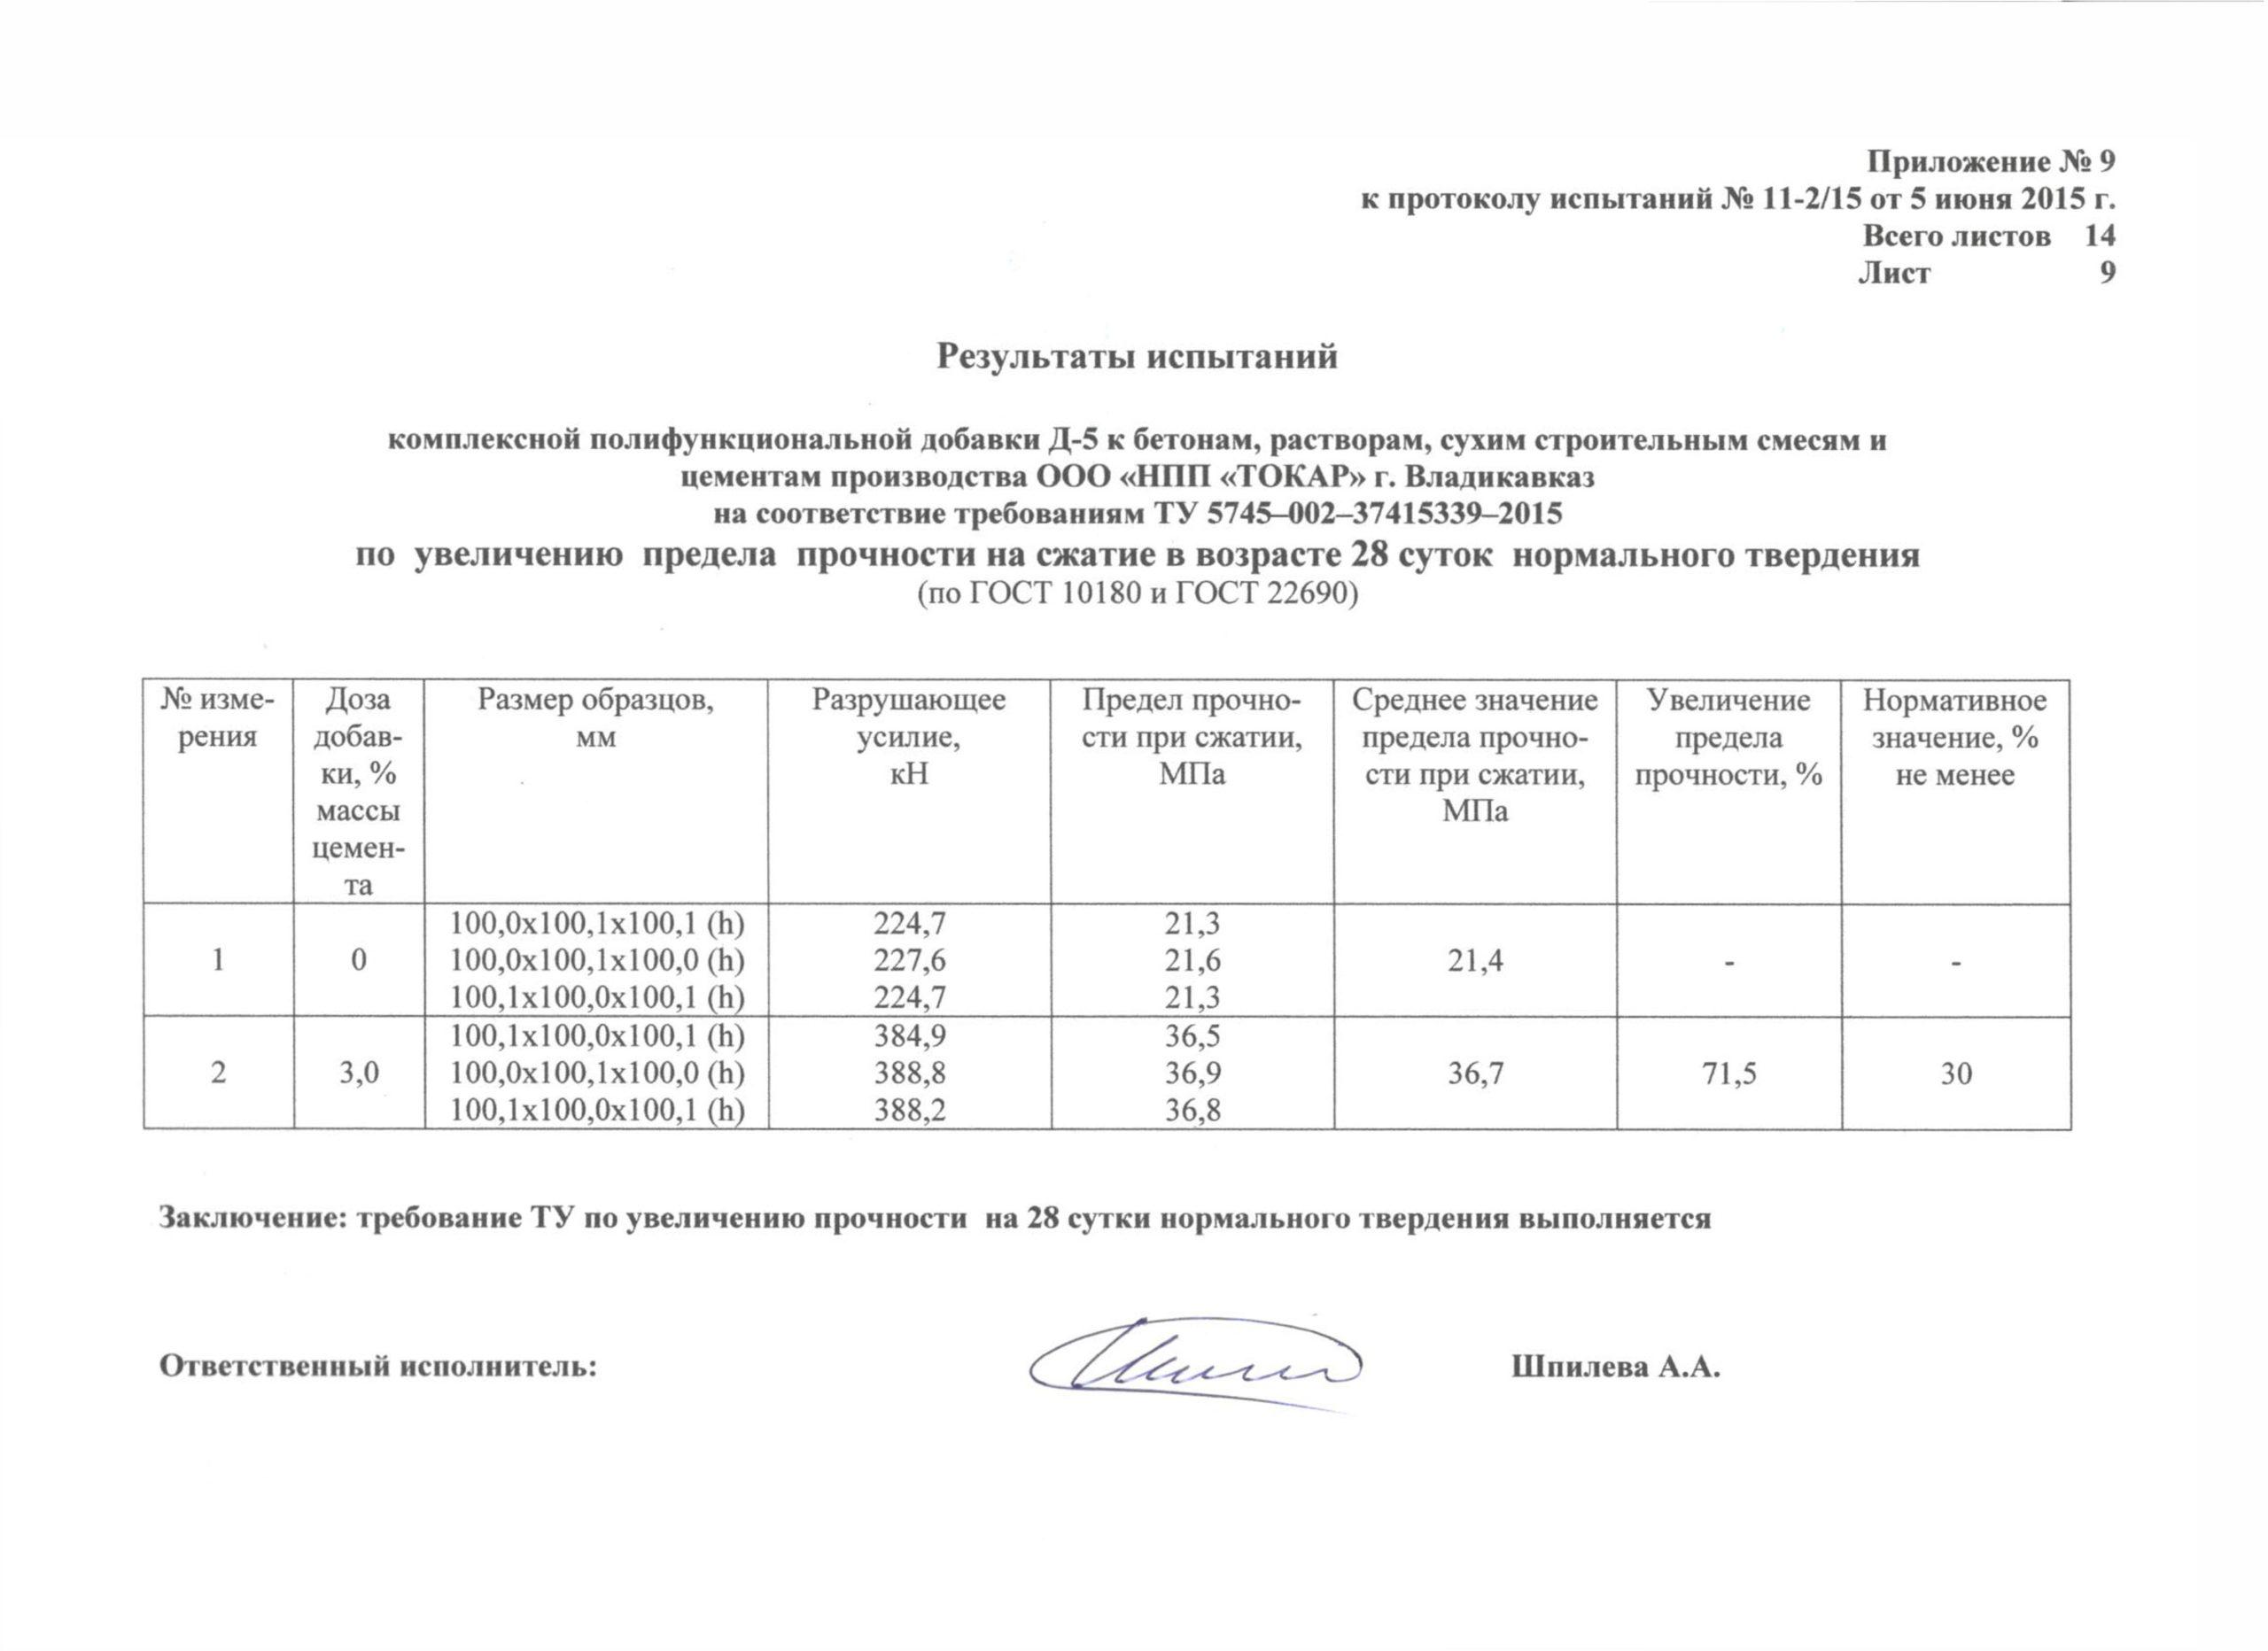 Протокол испытаний по прочности на 28-е сутки